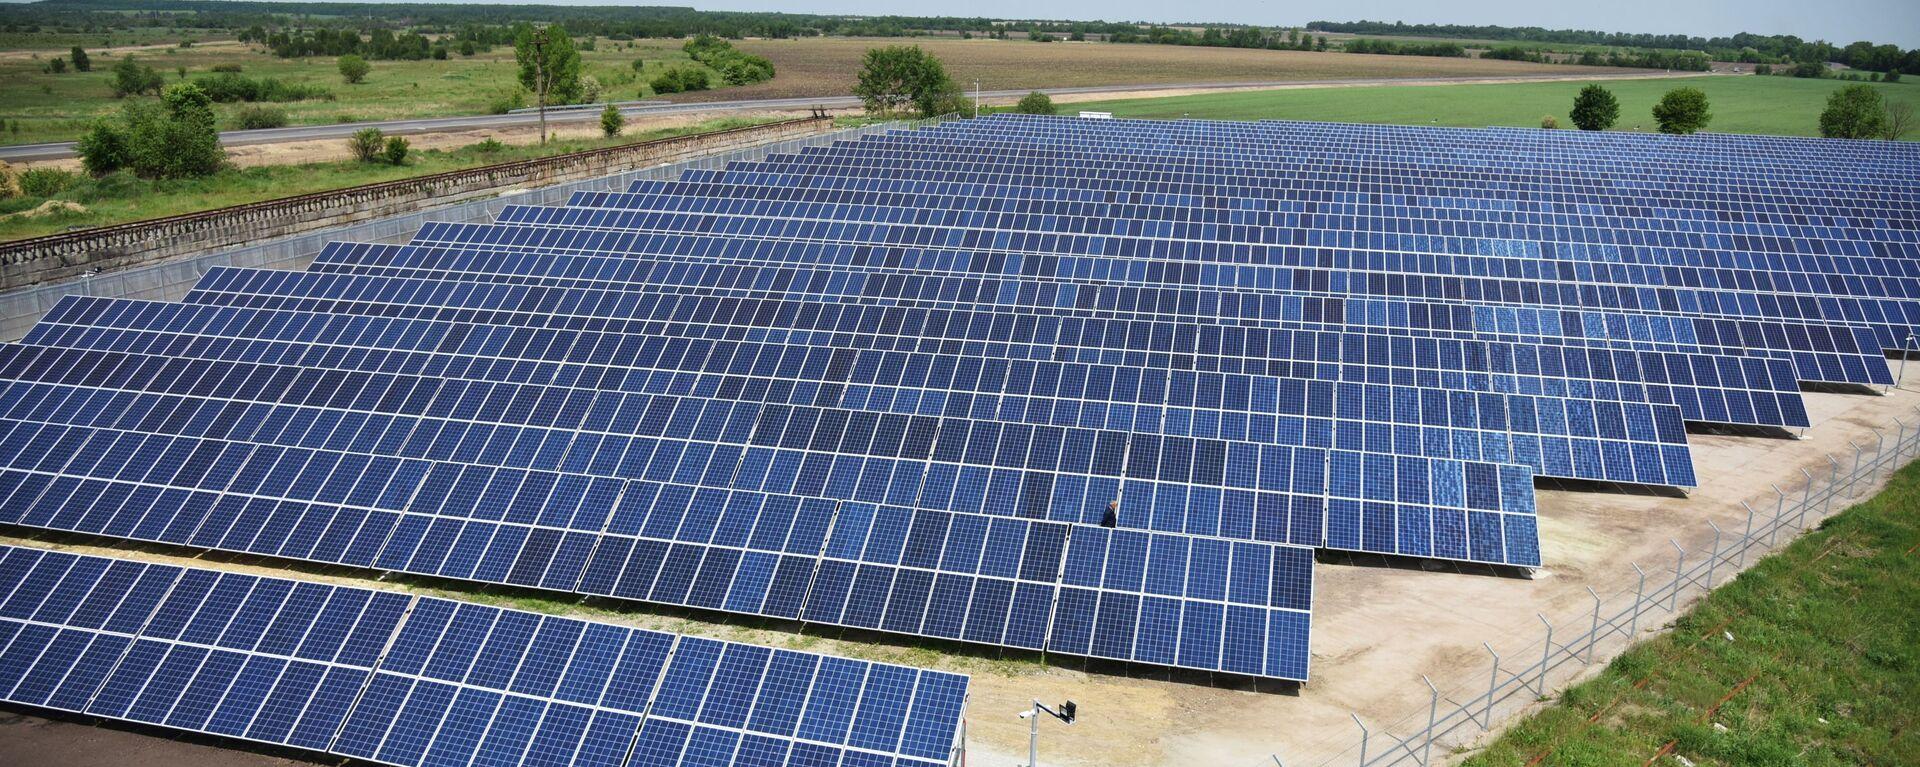 Открытие солнечной электростанции во Львовской области - Sputnik Latvija, 1920, 06.10.2021